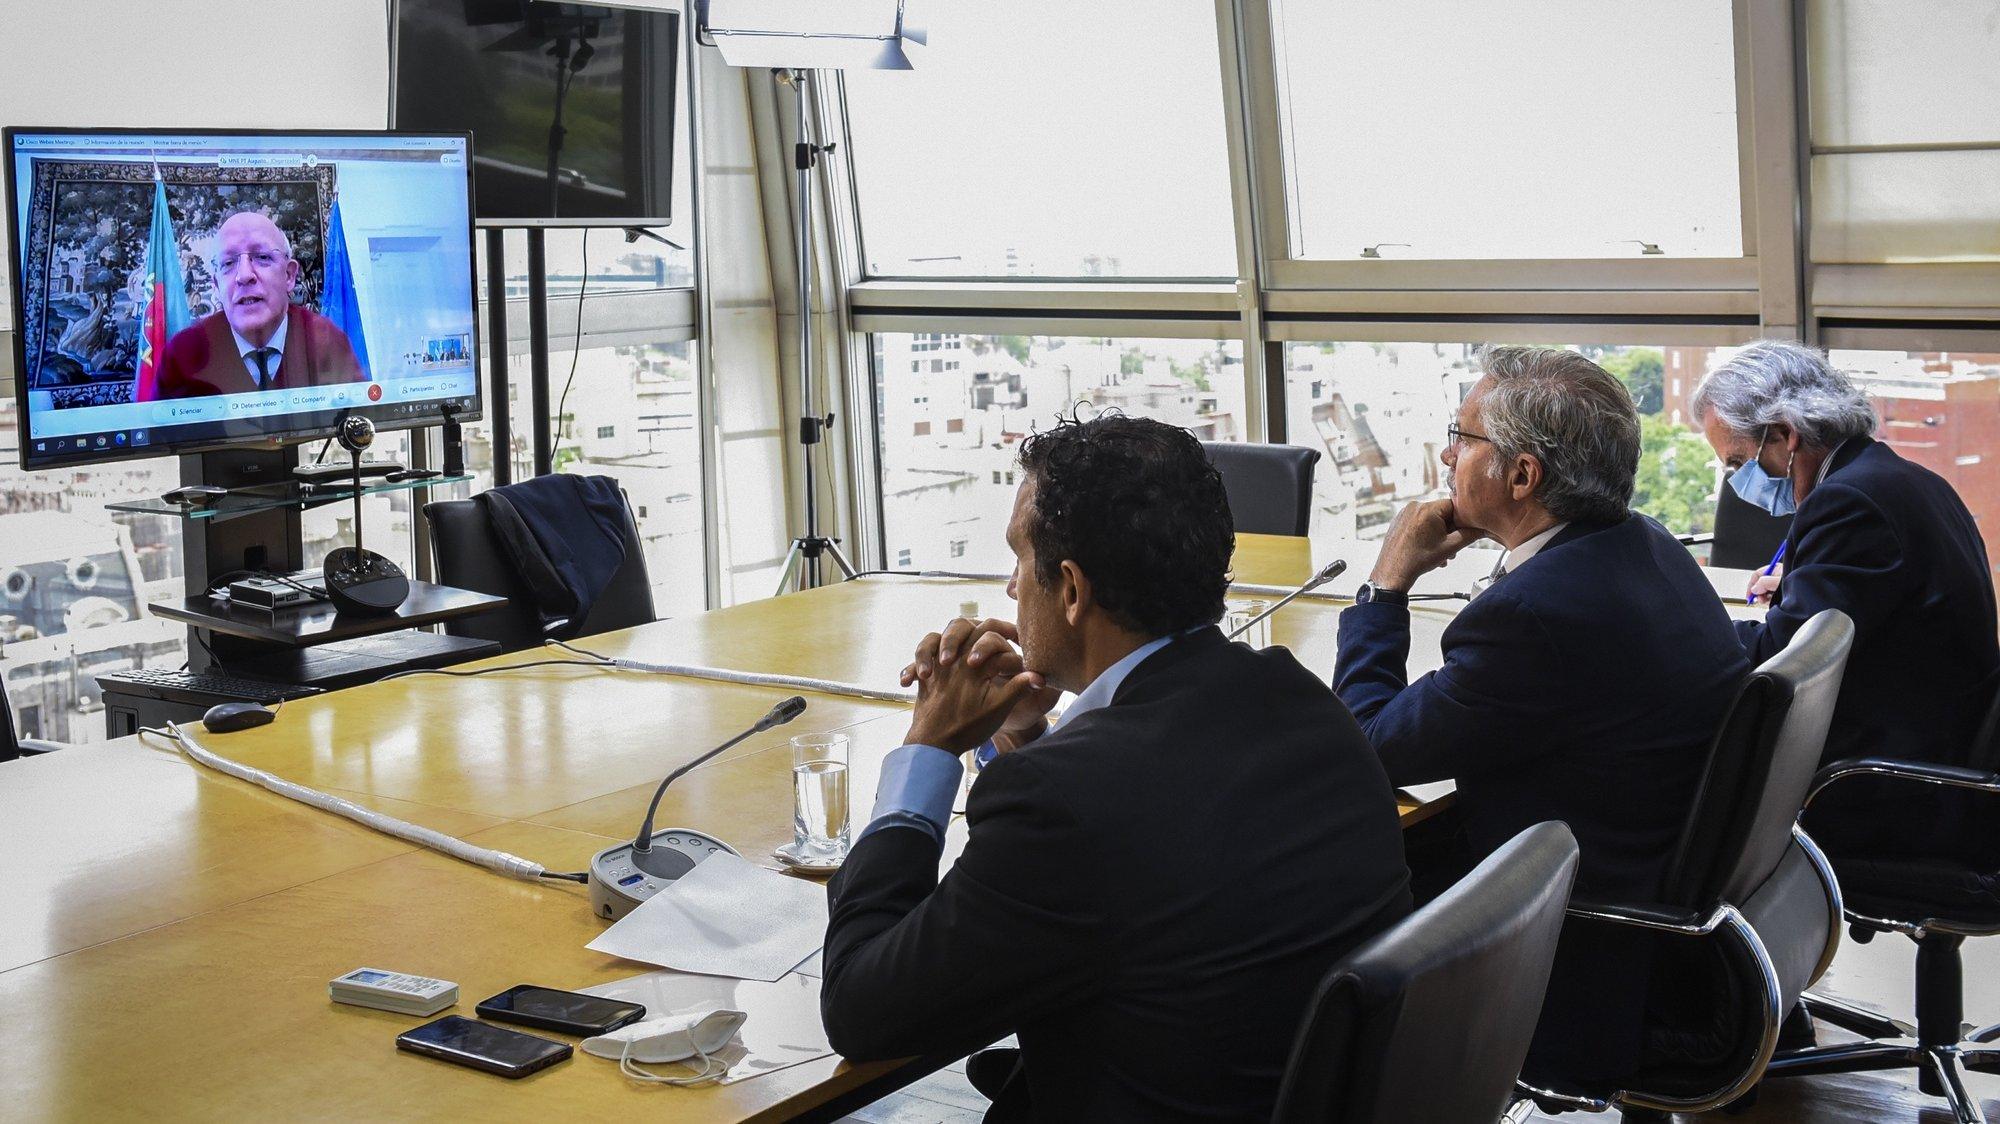 """Os ministros dos Negócios Estrangeiros de Portugal e Argentina, Augusto Santos Silva (E), e Felipe Solá (2D), durante uma reunião por videoconferência onde a Argentina pediu que Portugal, na Presidência da União Europeia, considere as Malvinas como """"zona de litígio"""" nas negociações com o Reino Unido, Buenos Aires, Argentina, 18 de dezembro de 2020. As ilhas Malvinas, sob domínio britânico desde a ocupação em 1833, têm a sua soberania reivindicada pela Argentina. MÁRCIO RESENDE/LUSA"""